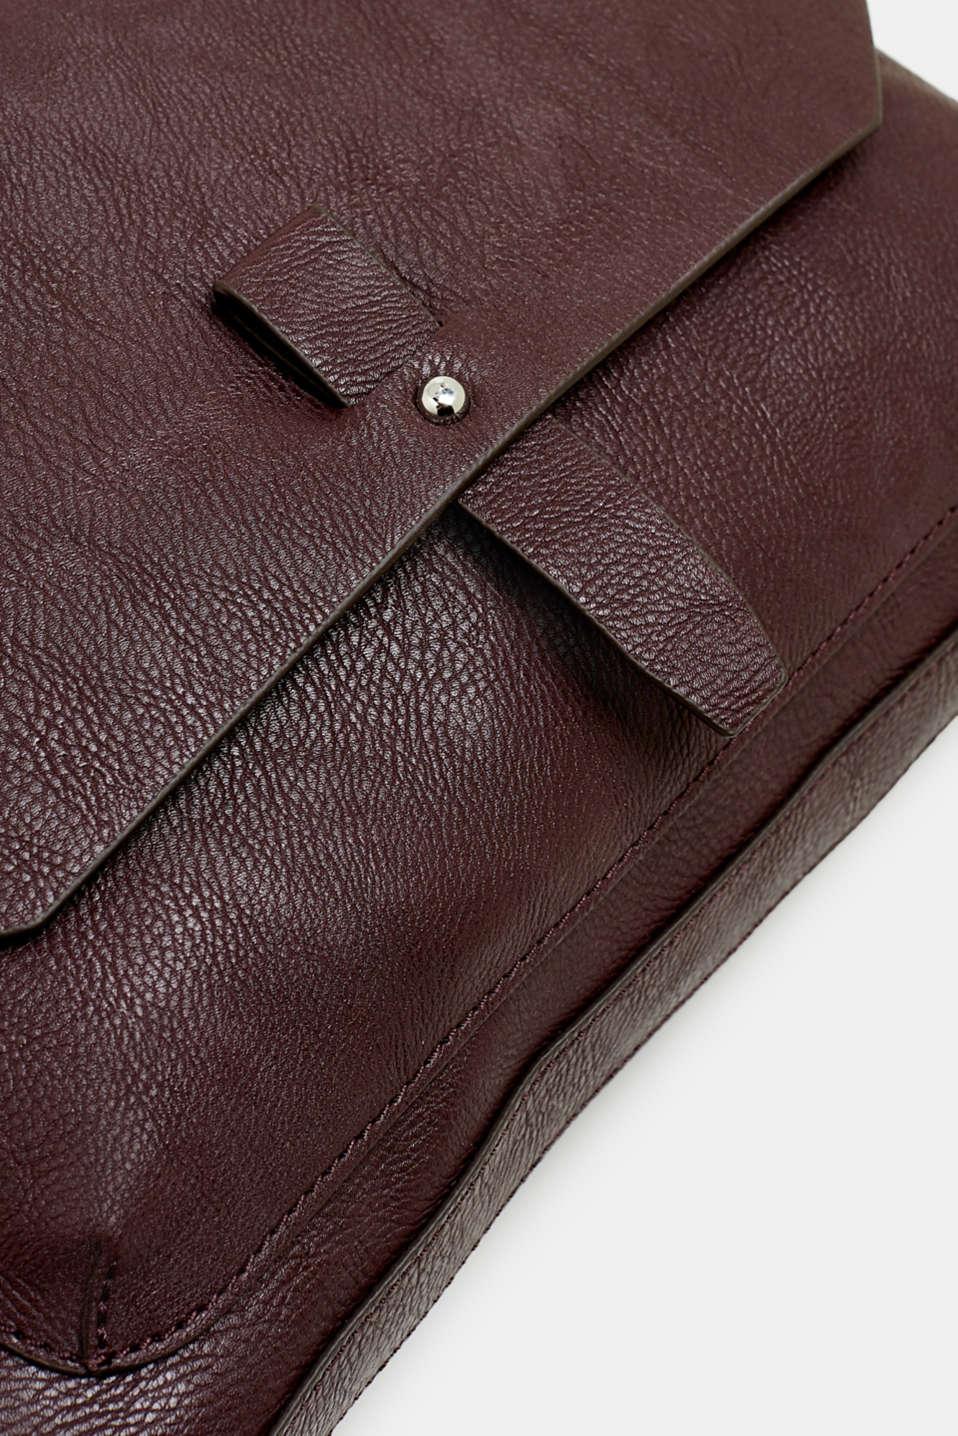 Adjustable faux leather shoulder bag, BORDEAUX RED, detail image number 3